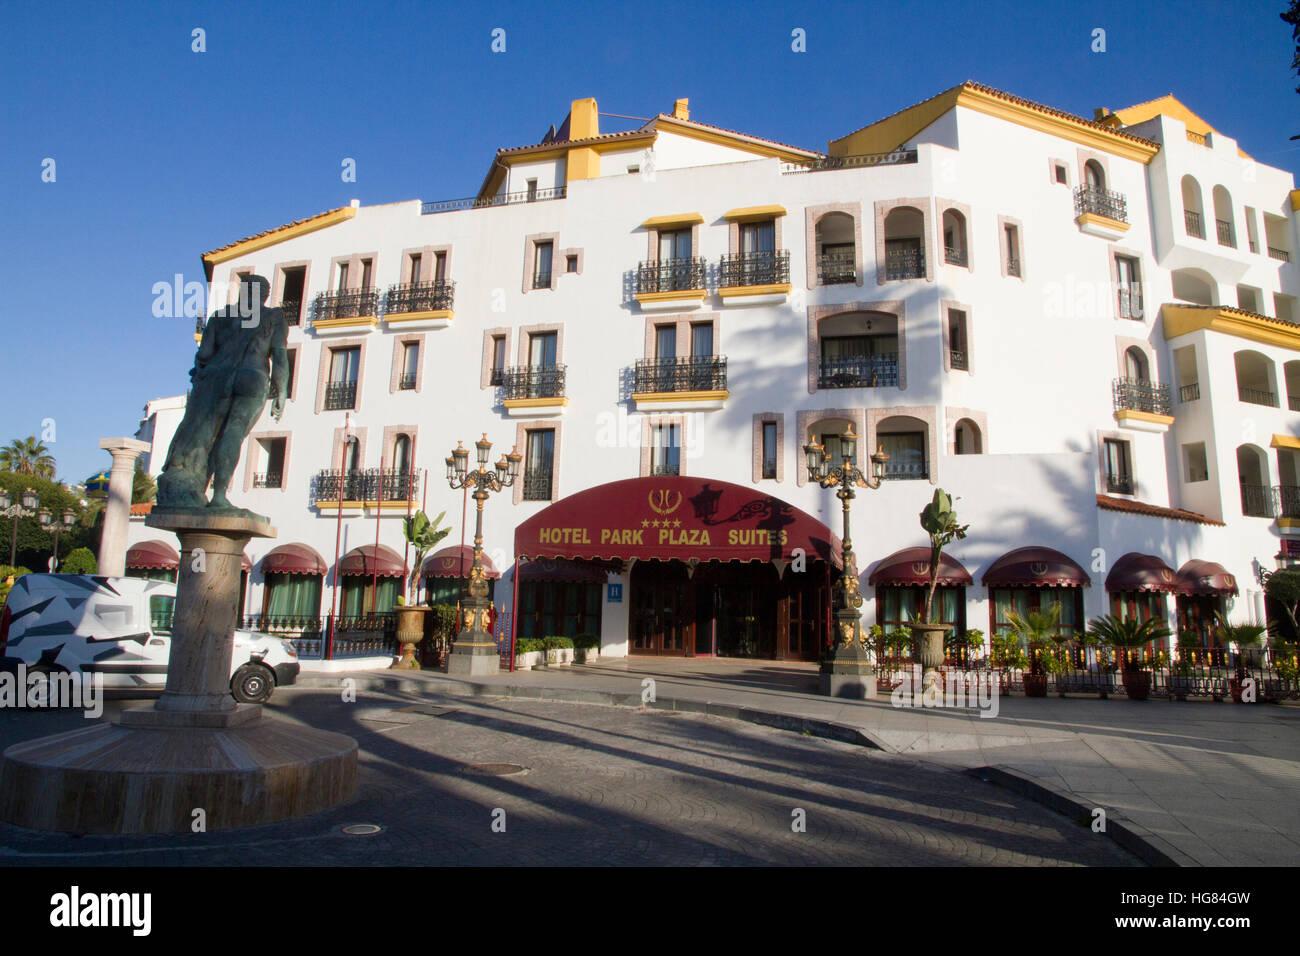 Hotel edifice facade Marbella, Costa del Sol, Andalucia, Spain - Stock Image